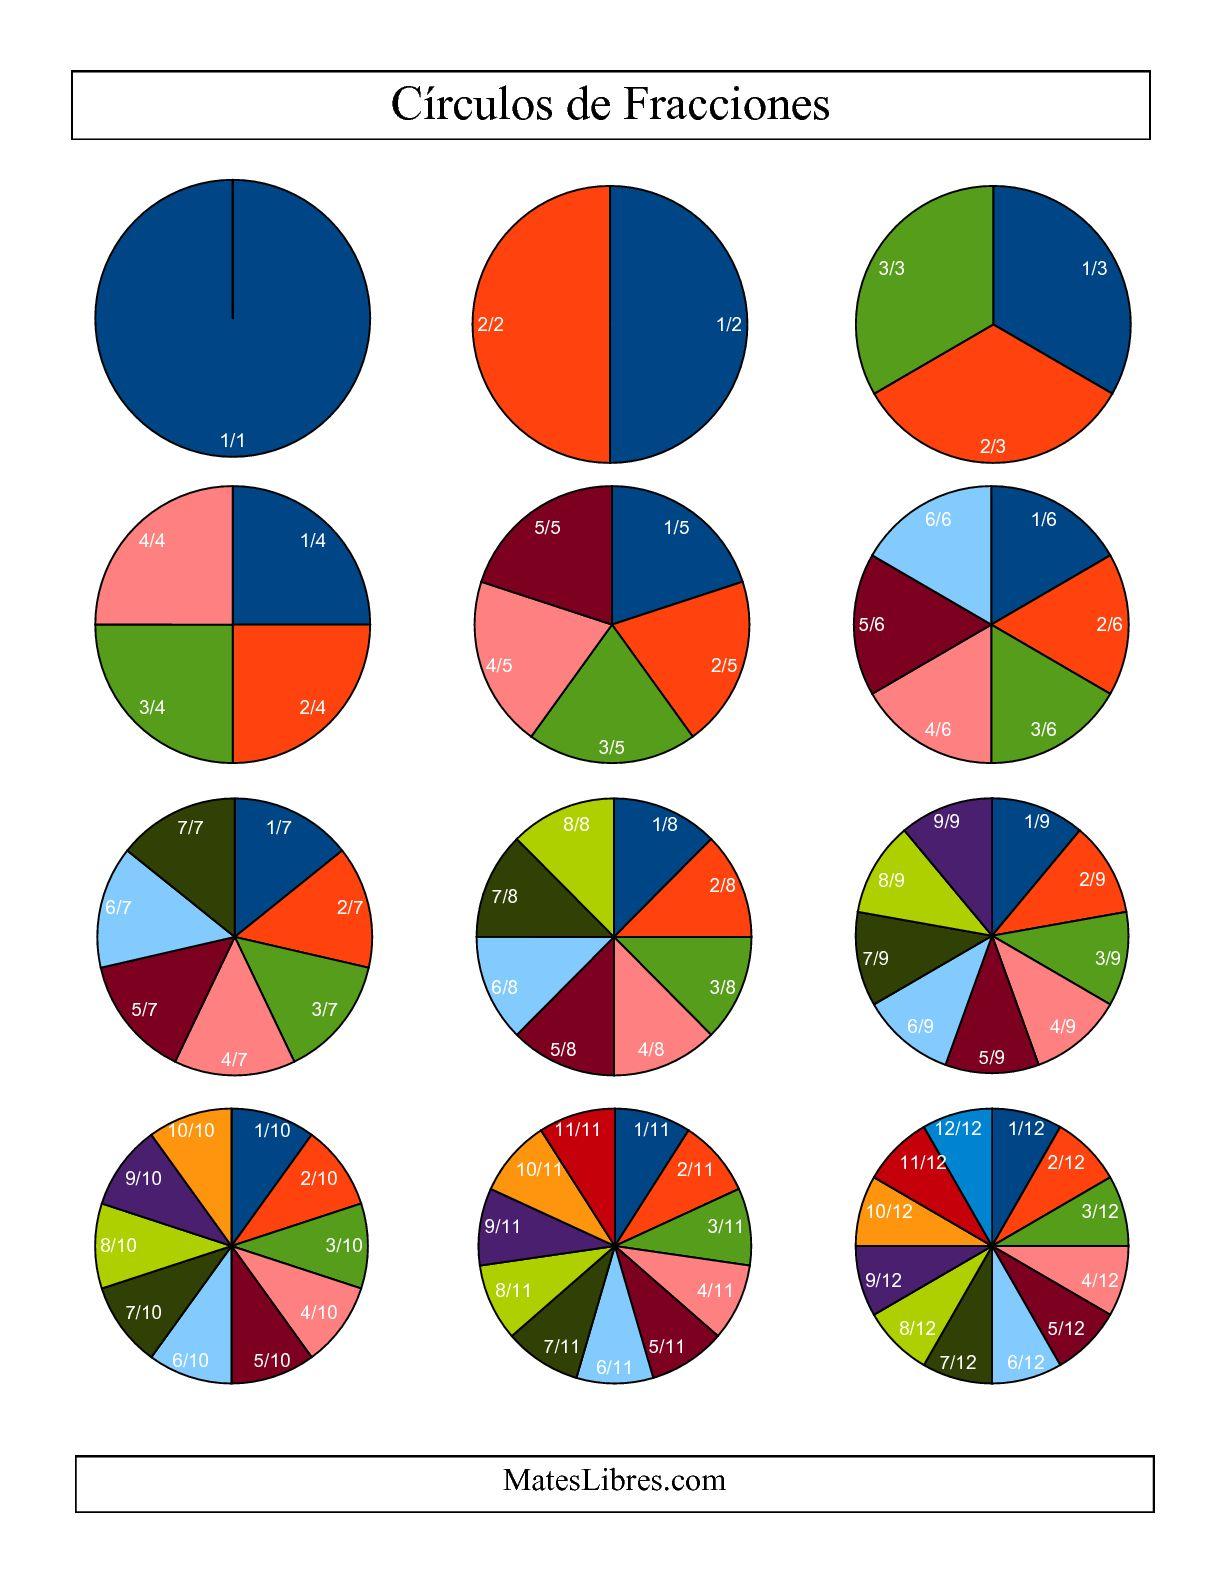 La Círculos Multicolores de Fracciones con Etiquetas (Pequeño) (E) Hoja de Ejercicio de Fracciones